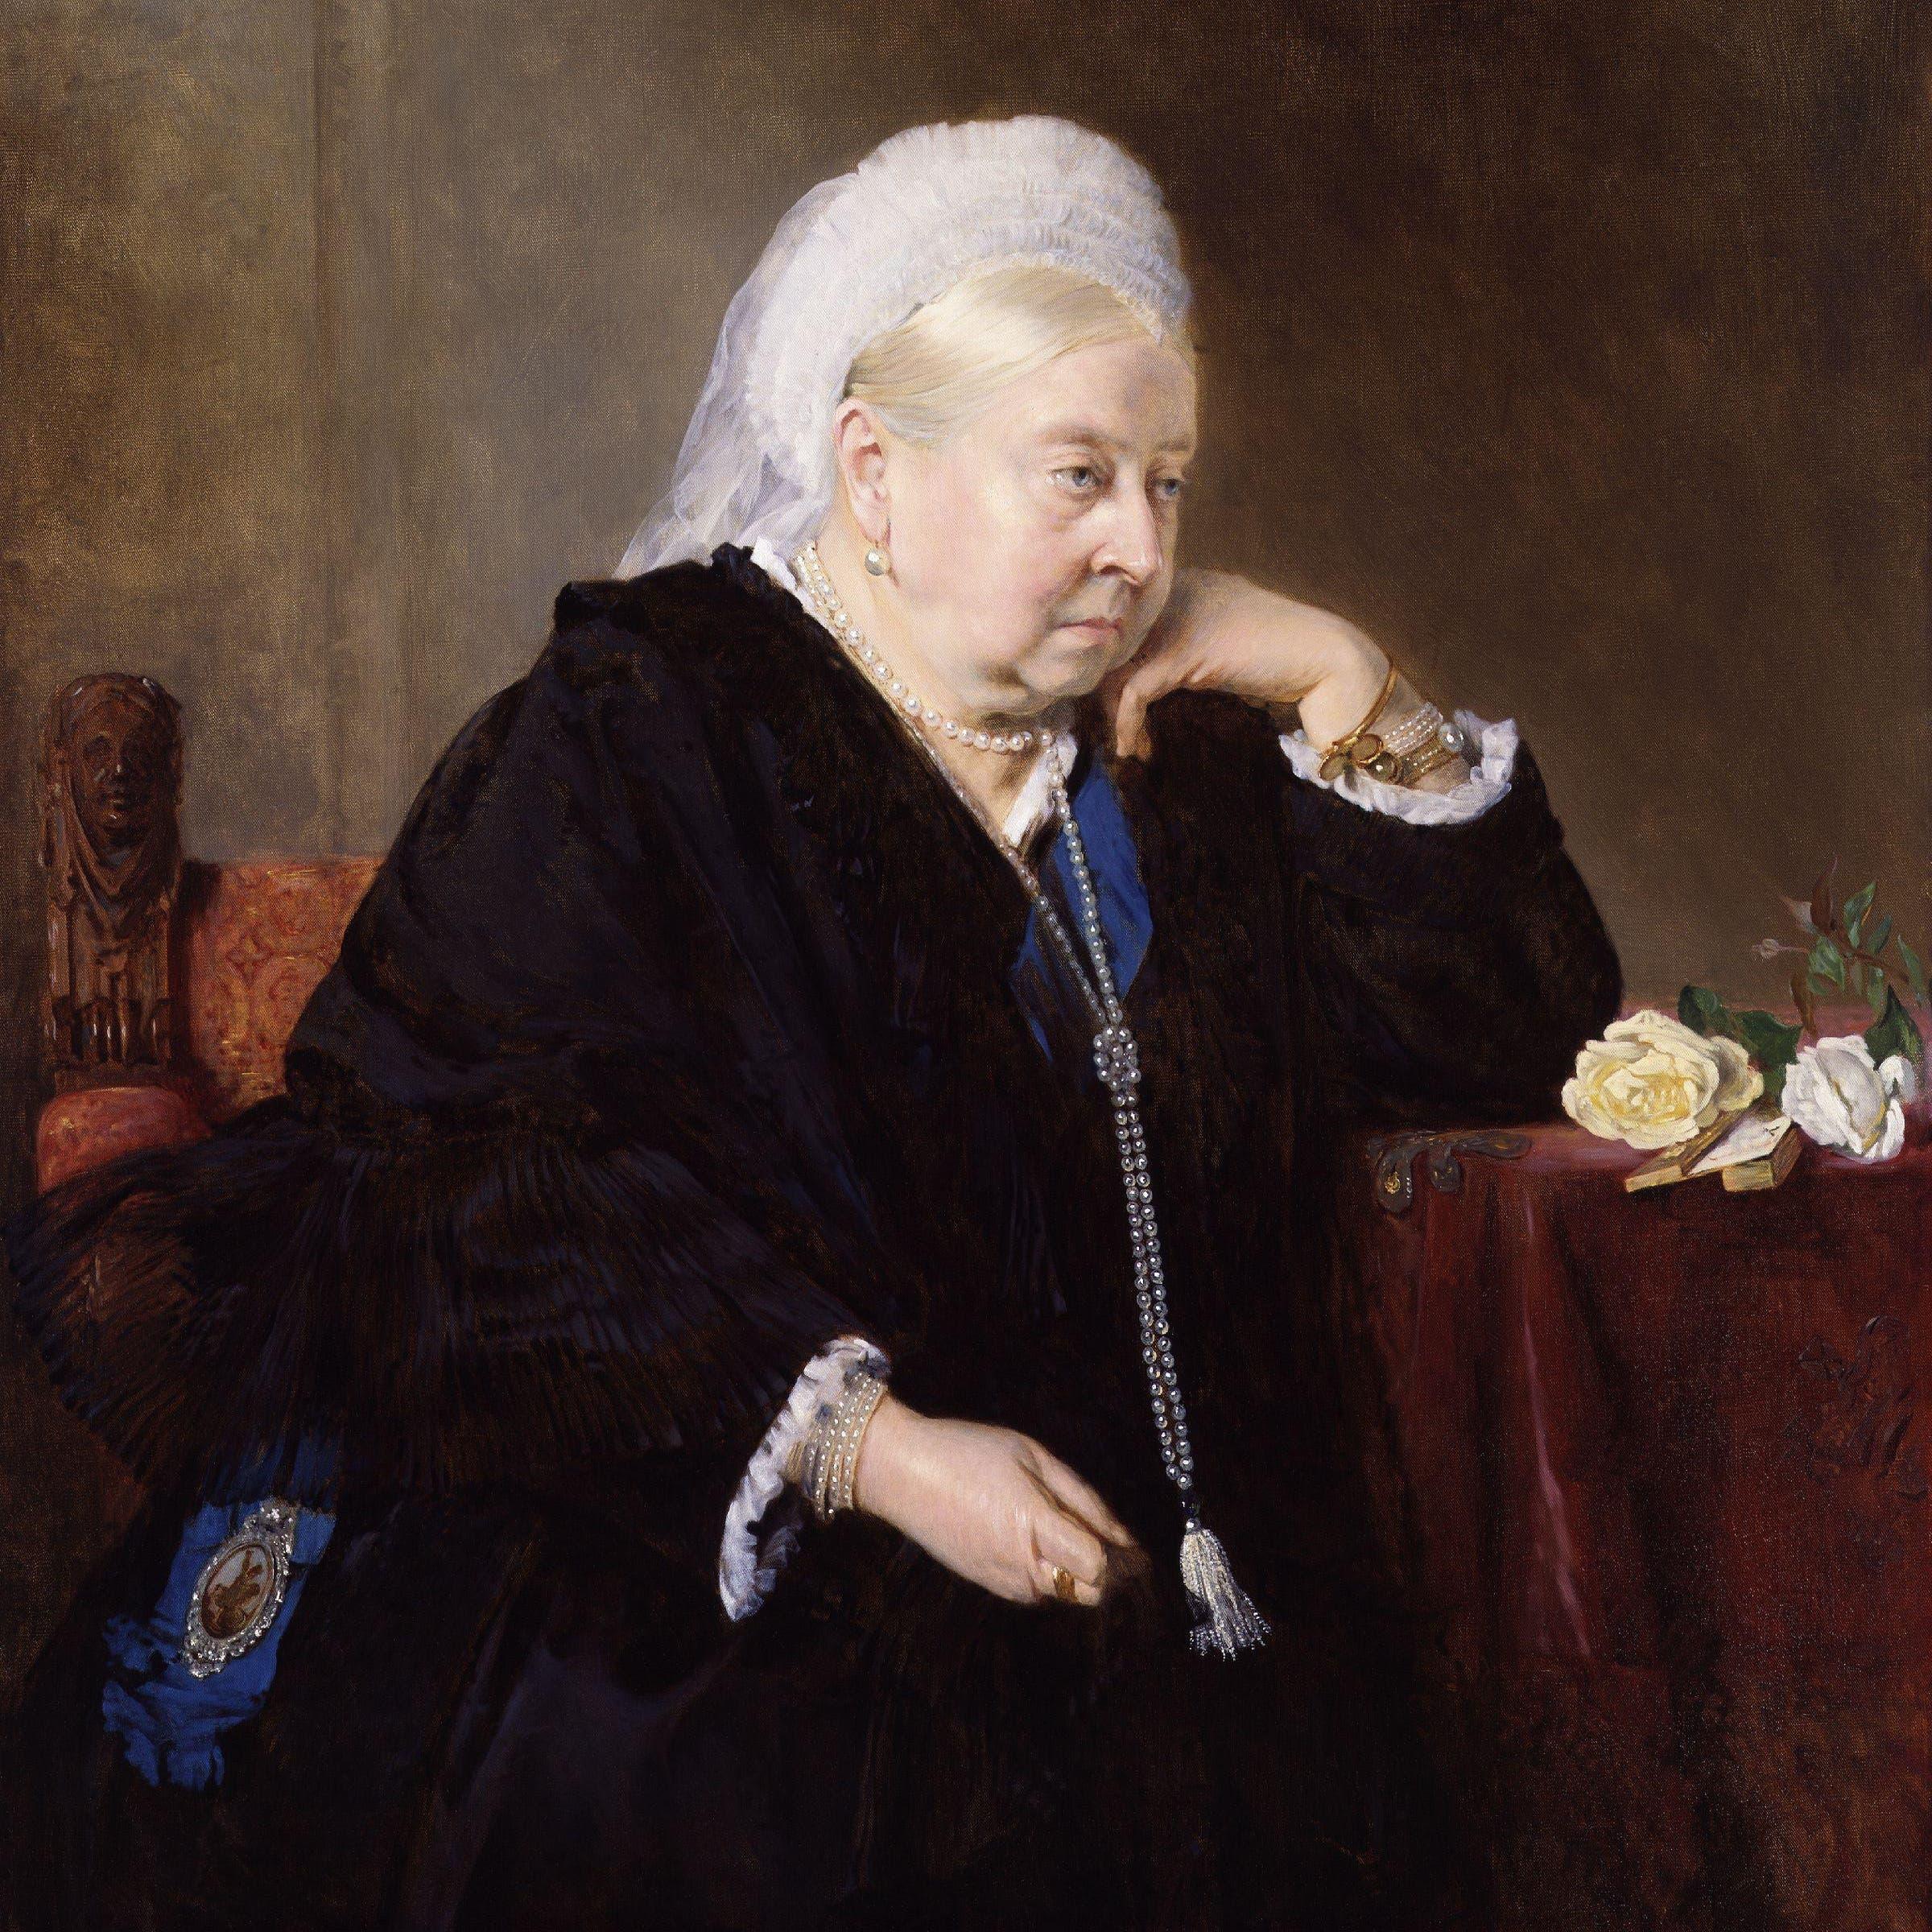 أعظم ملكة بريطانية..ارتدت الأسود 40 عاما عقب موت زوجها